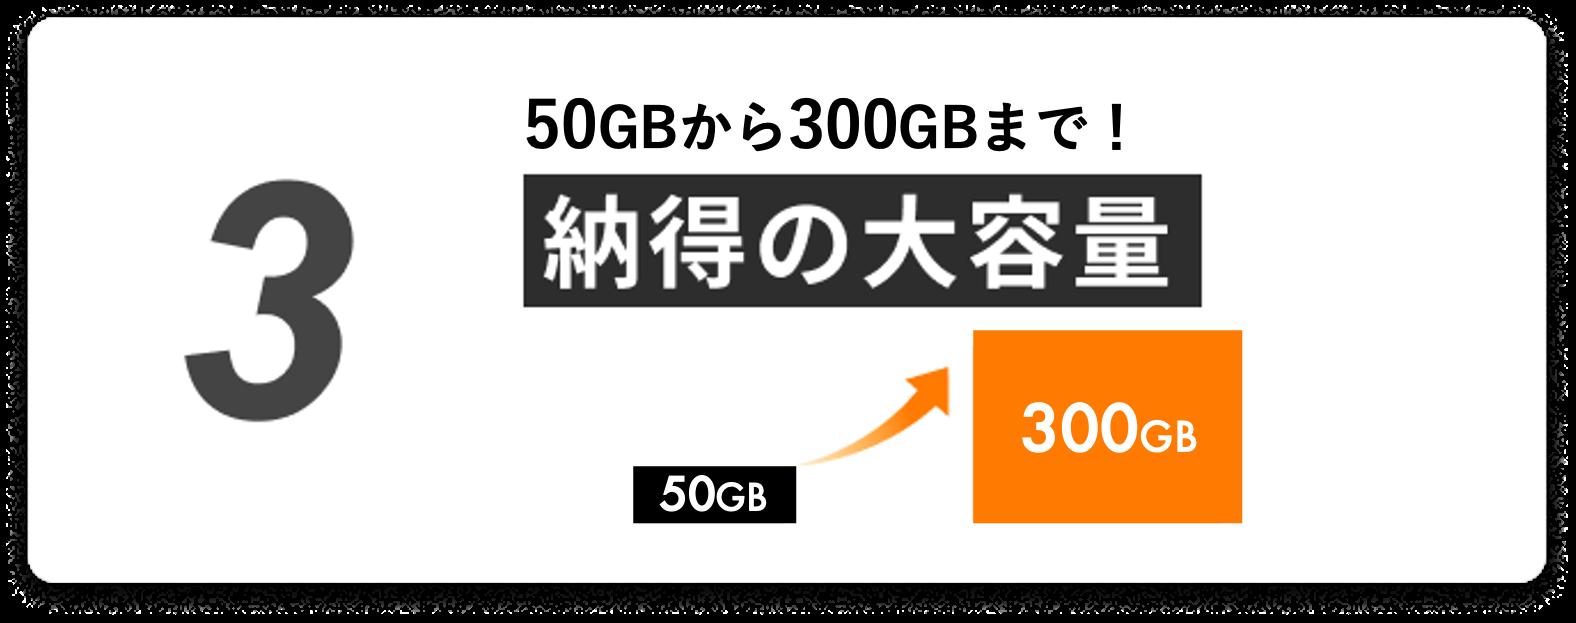 100GBから300GBまで!納得の大容量